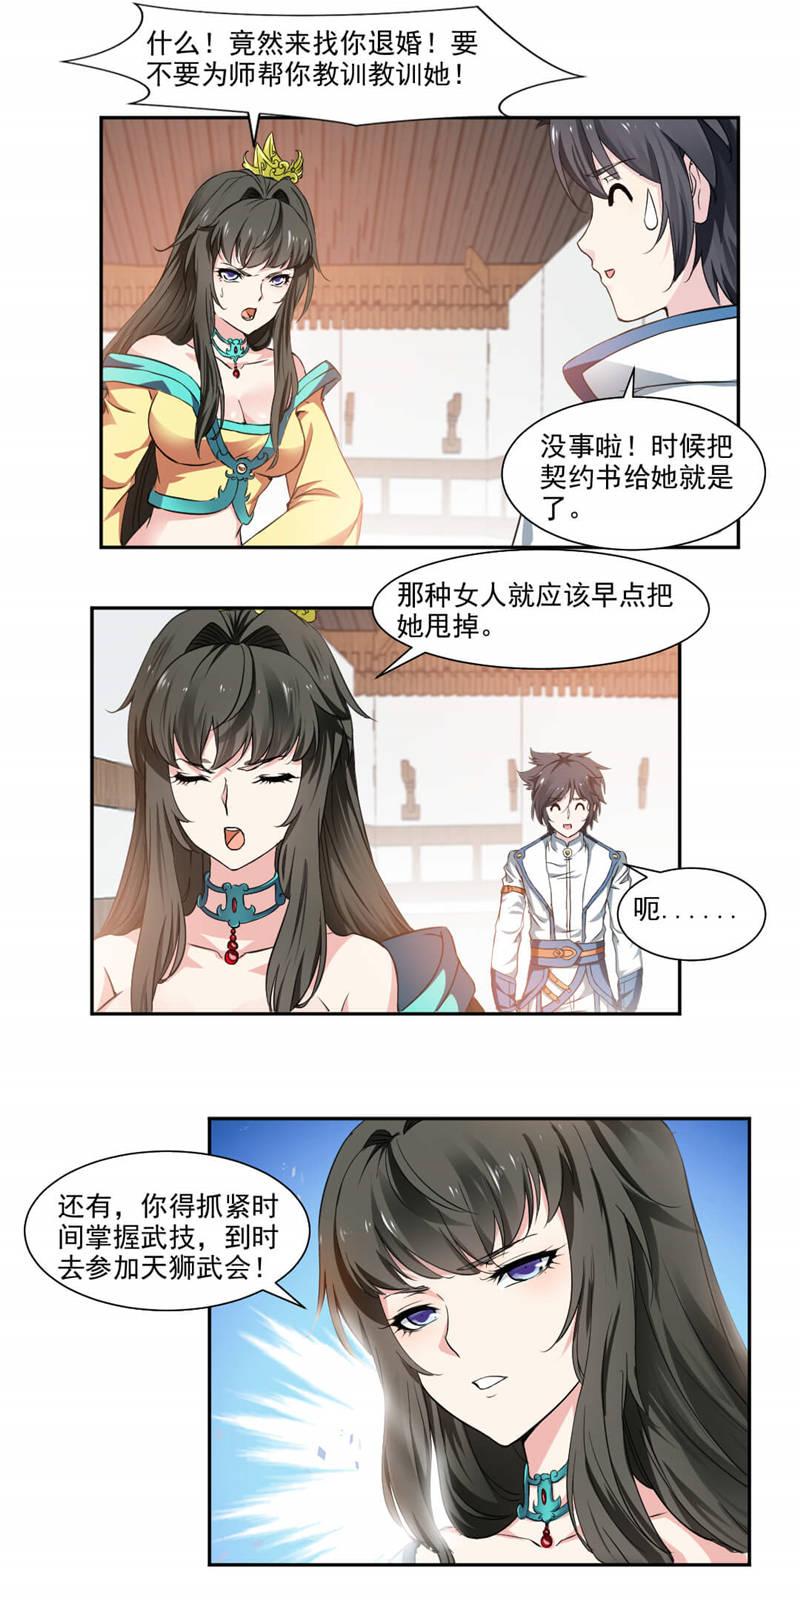 九阳神王第12话  未婚妻来袭?! 第 8